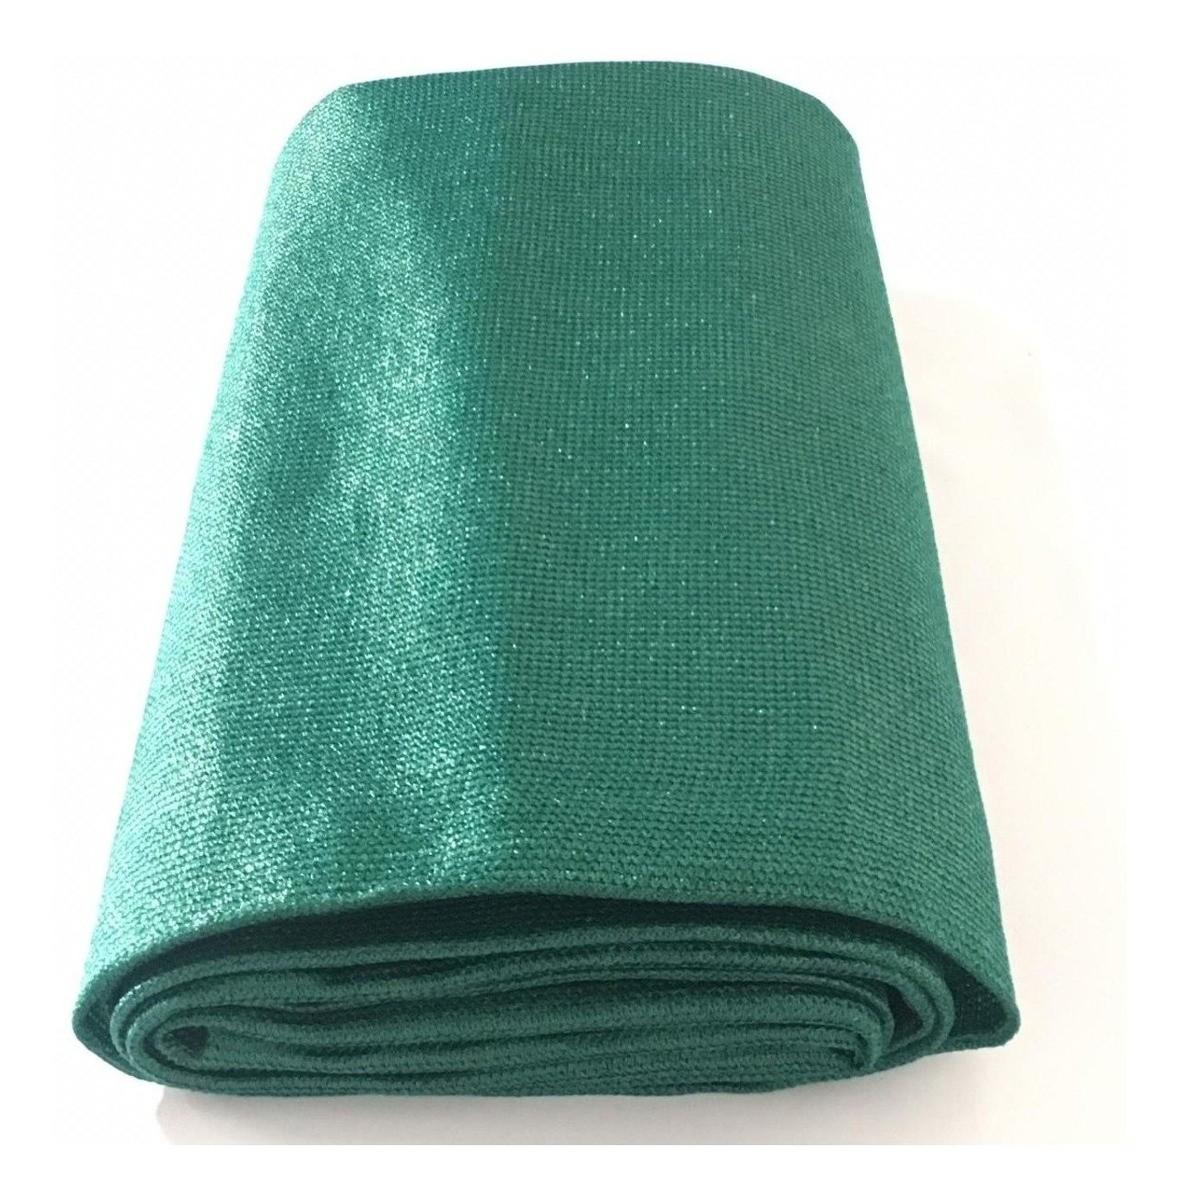 Tela Toldo Shade Decorativa Verde Com Bainha e Ilhós 4x8,5m